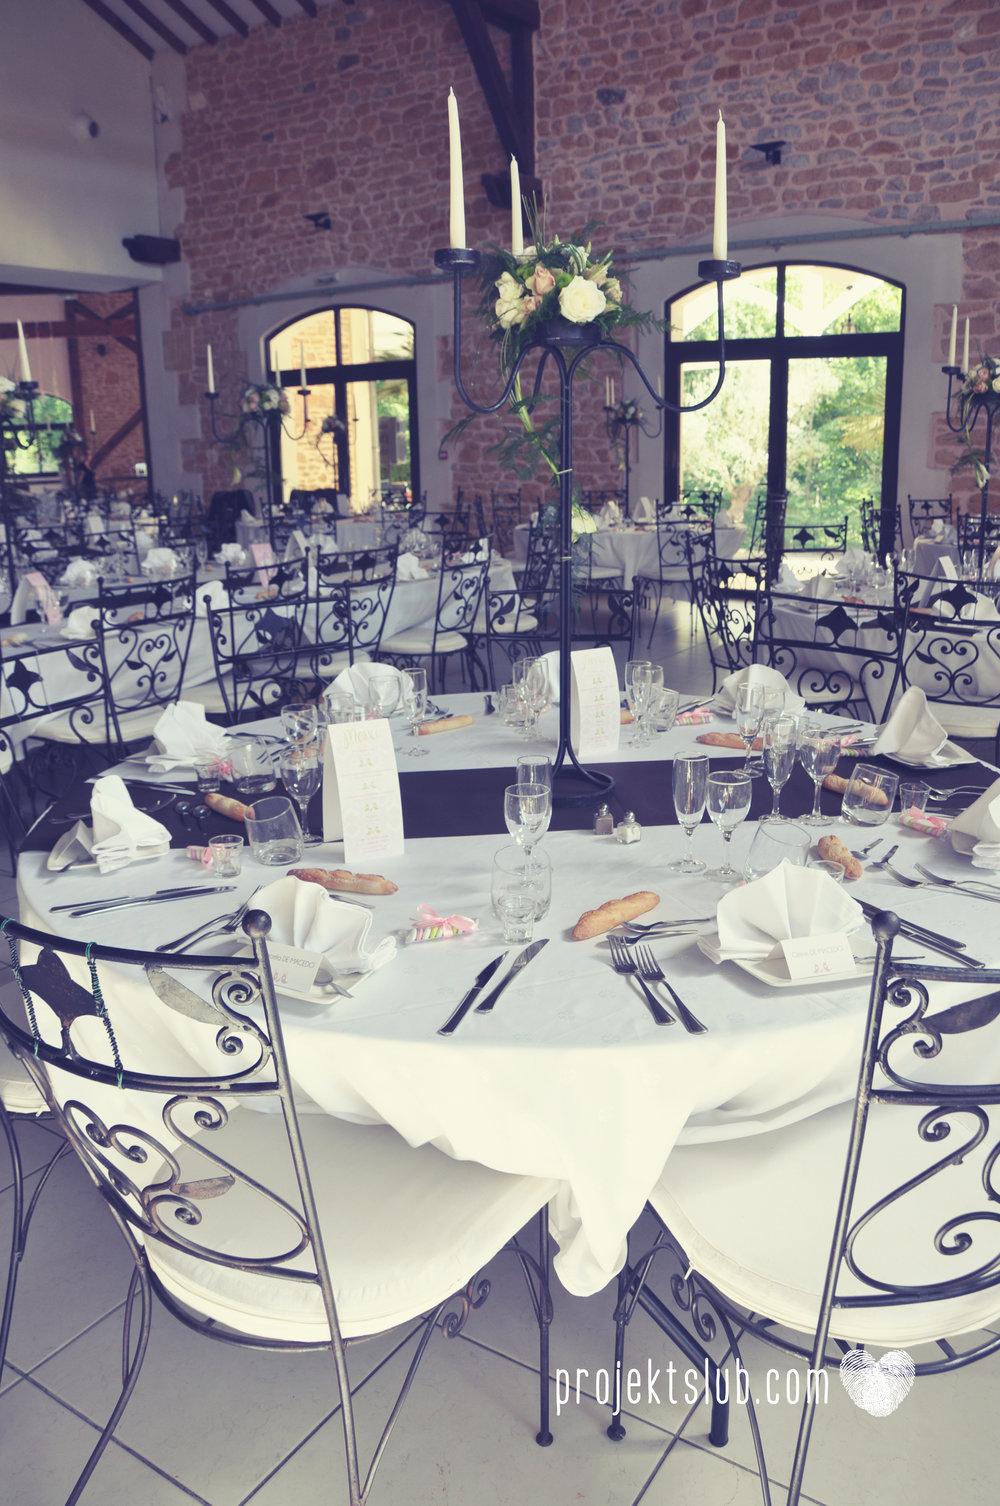 zaproszenia-ślubne-eleganckie-glamour-ptaszki-zaproszenia-dla-par-z-dzieckiem-różowy-róż-zielony-zaproszenia-projekt-ślub  (8).jpg